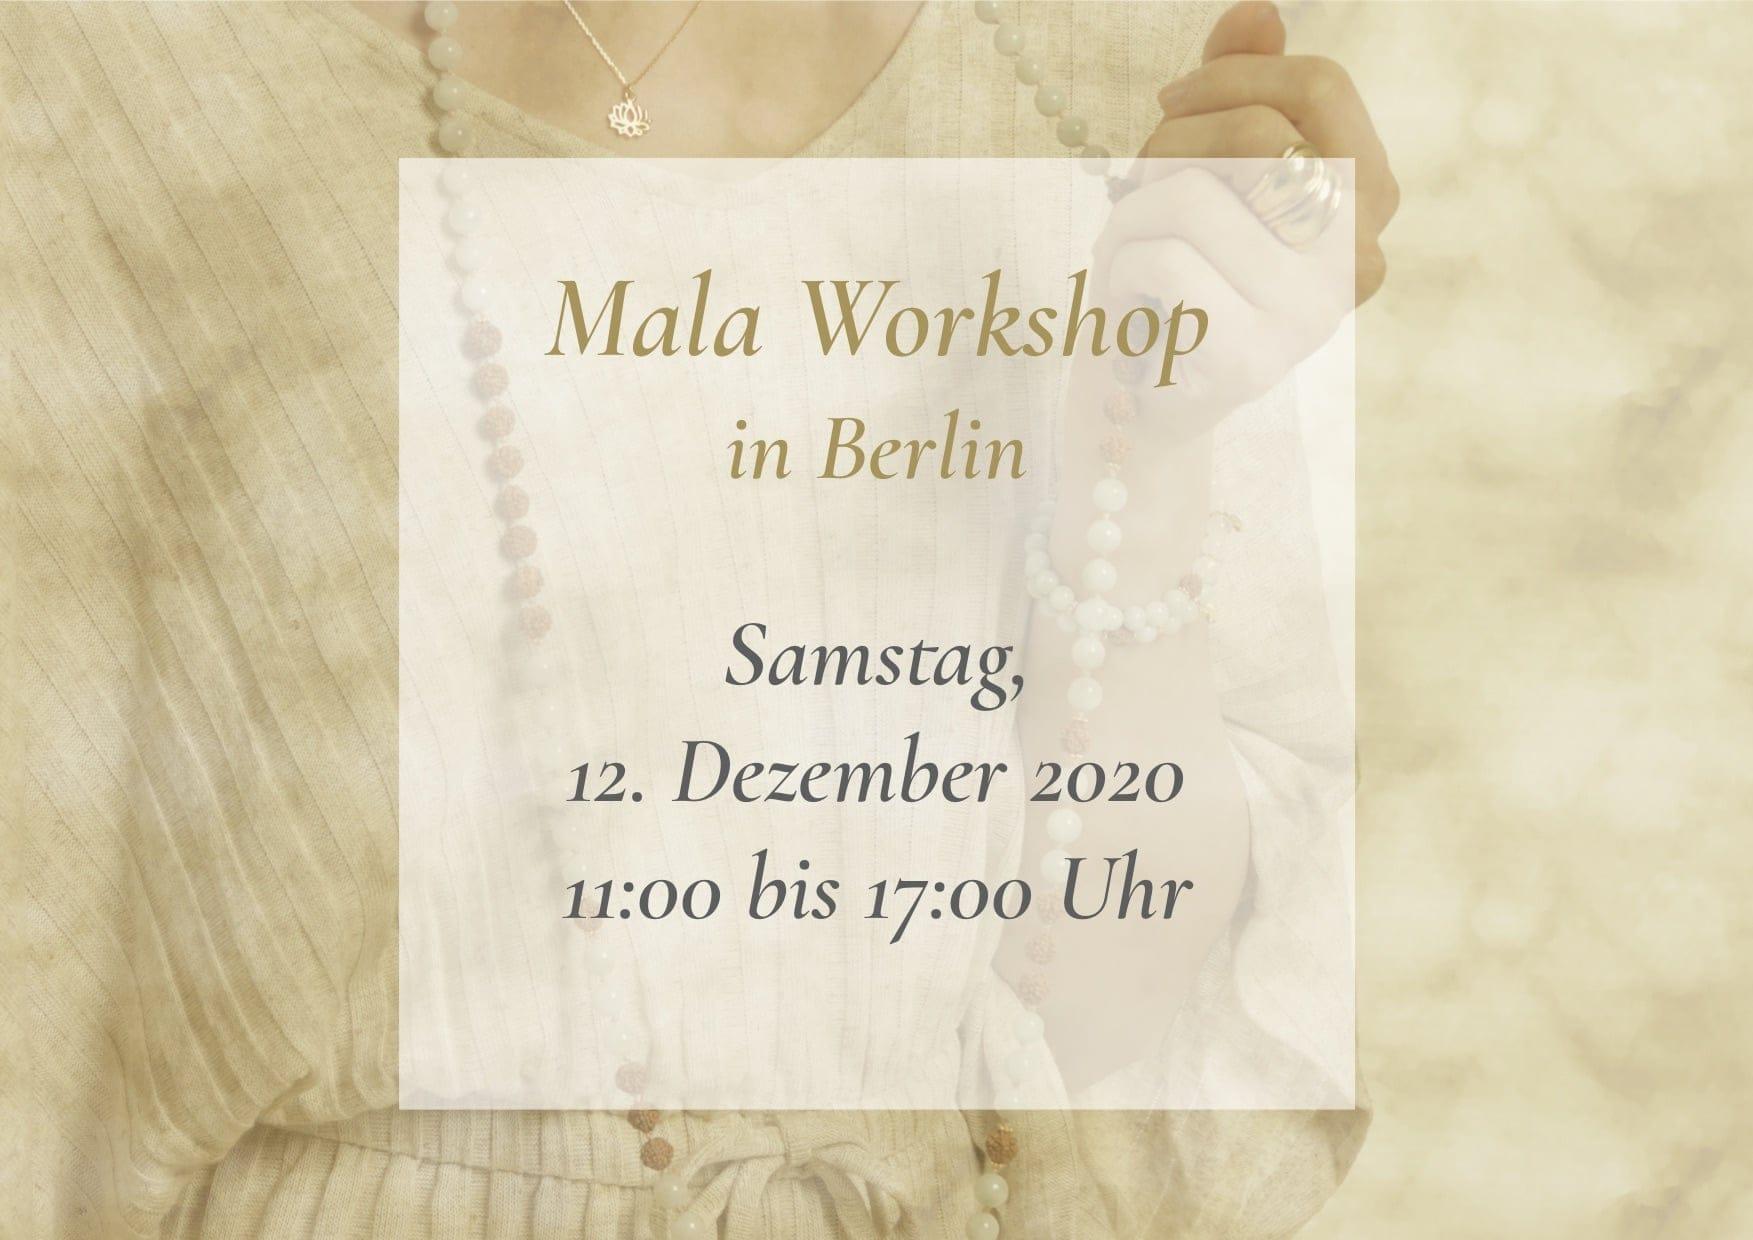 NW_Mala_WS_12_2020_Berlin_EN